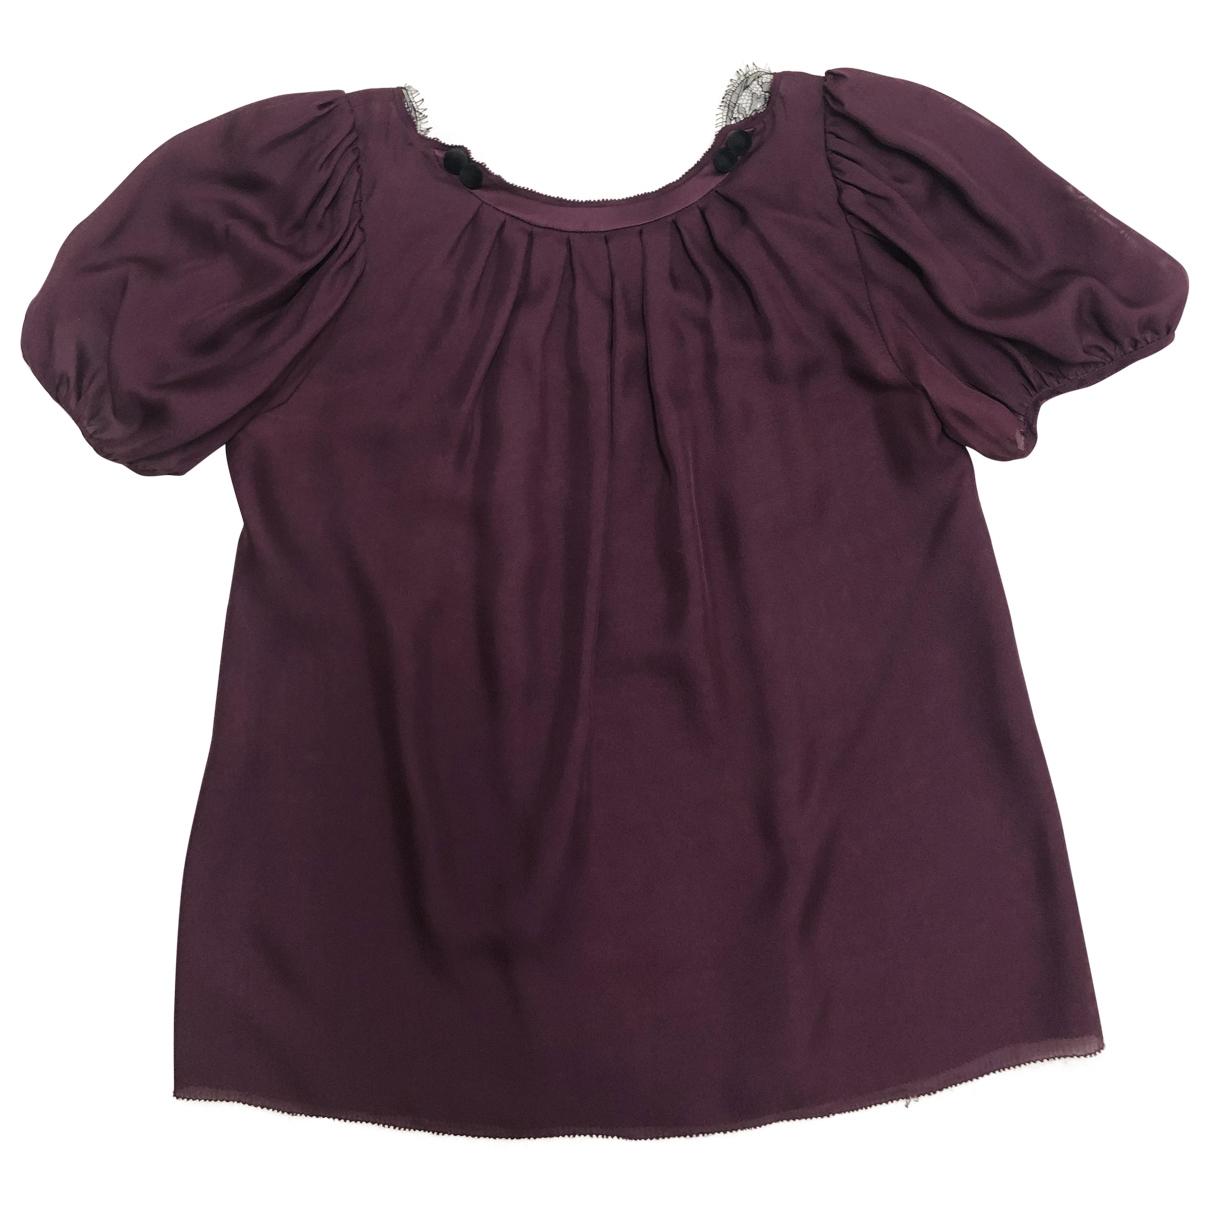 Zac Posen - Top   pour femme en soie - violet